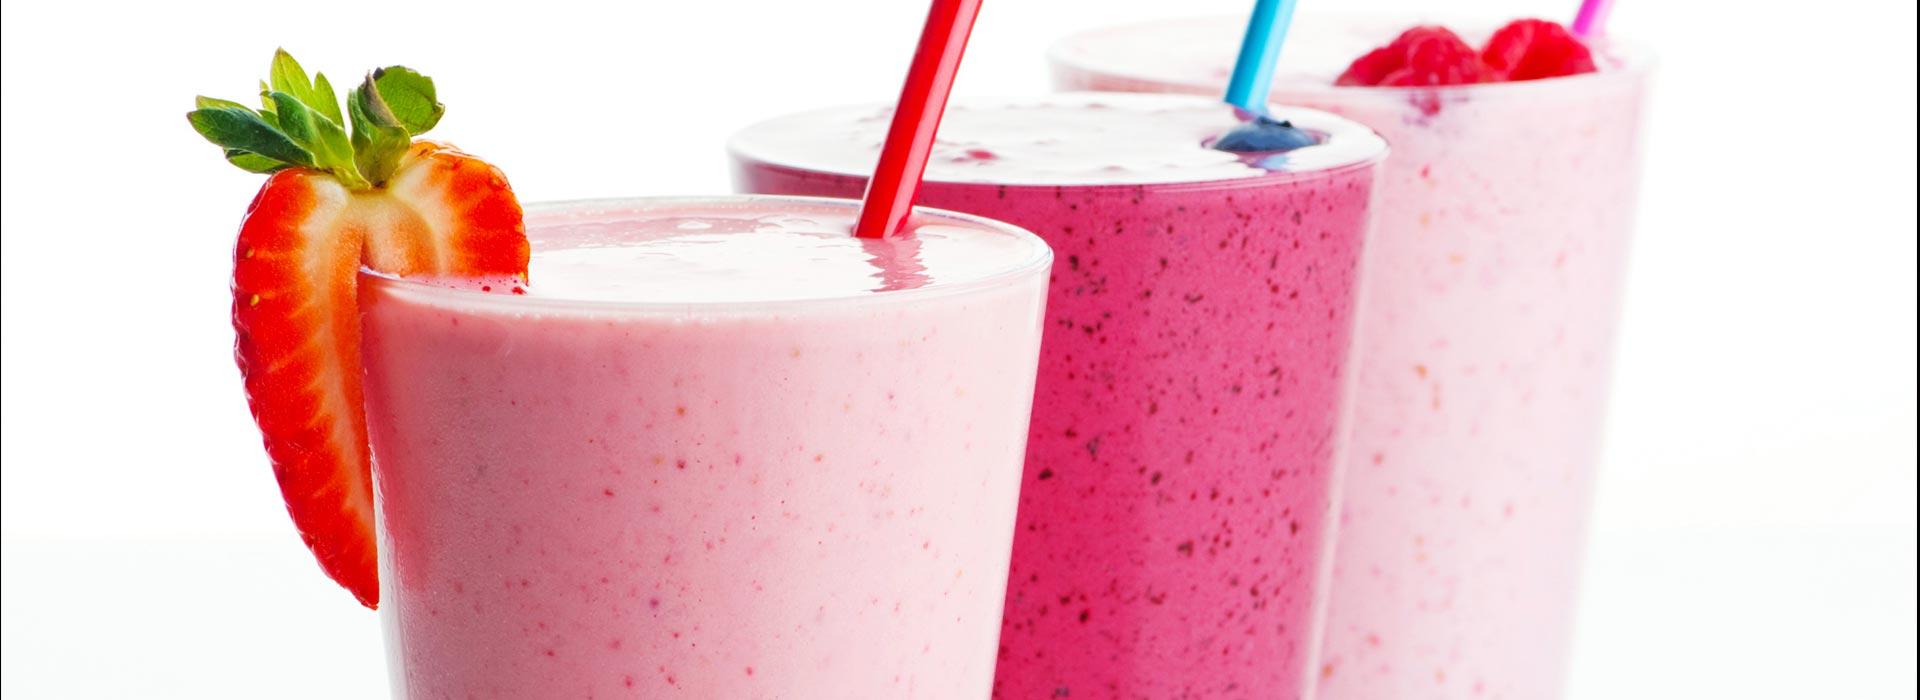 Jus & milk shake